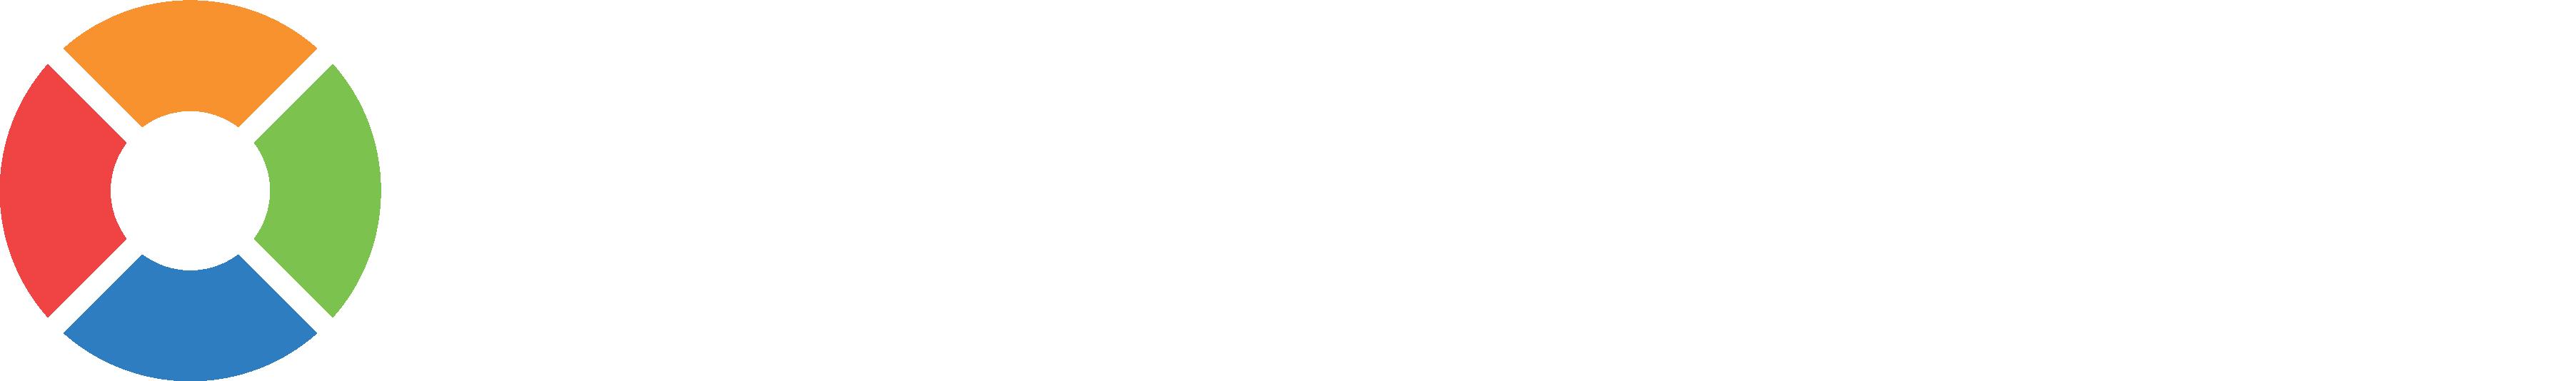 EE Report 2019